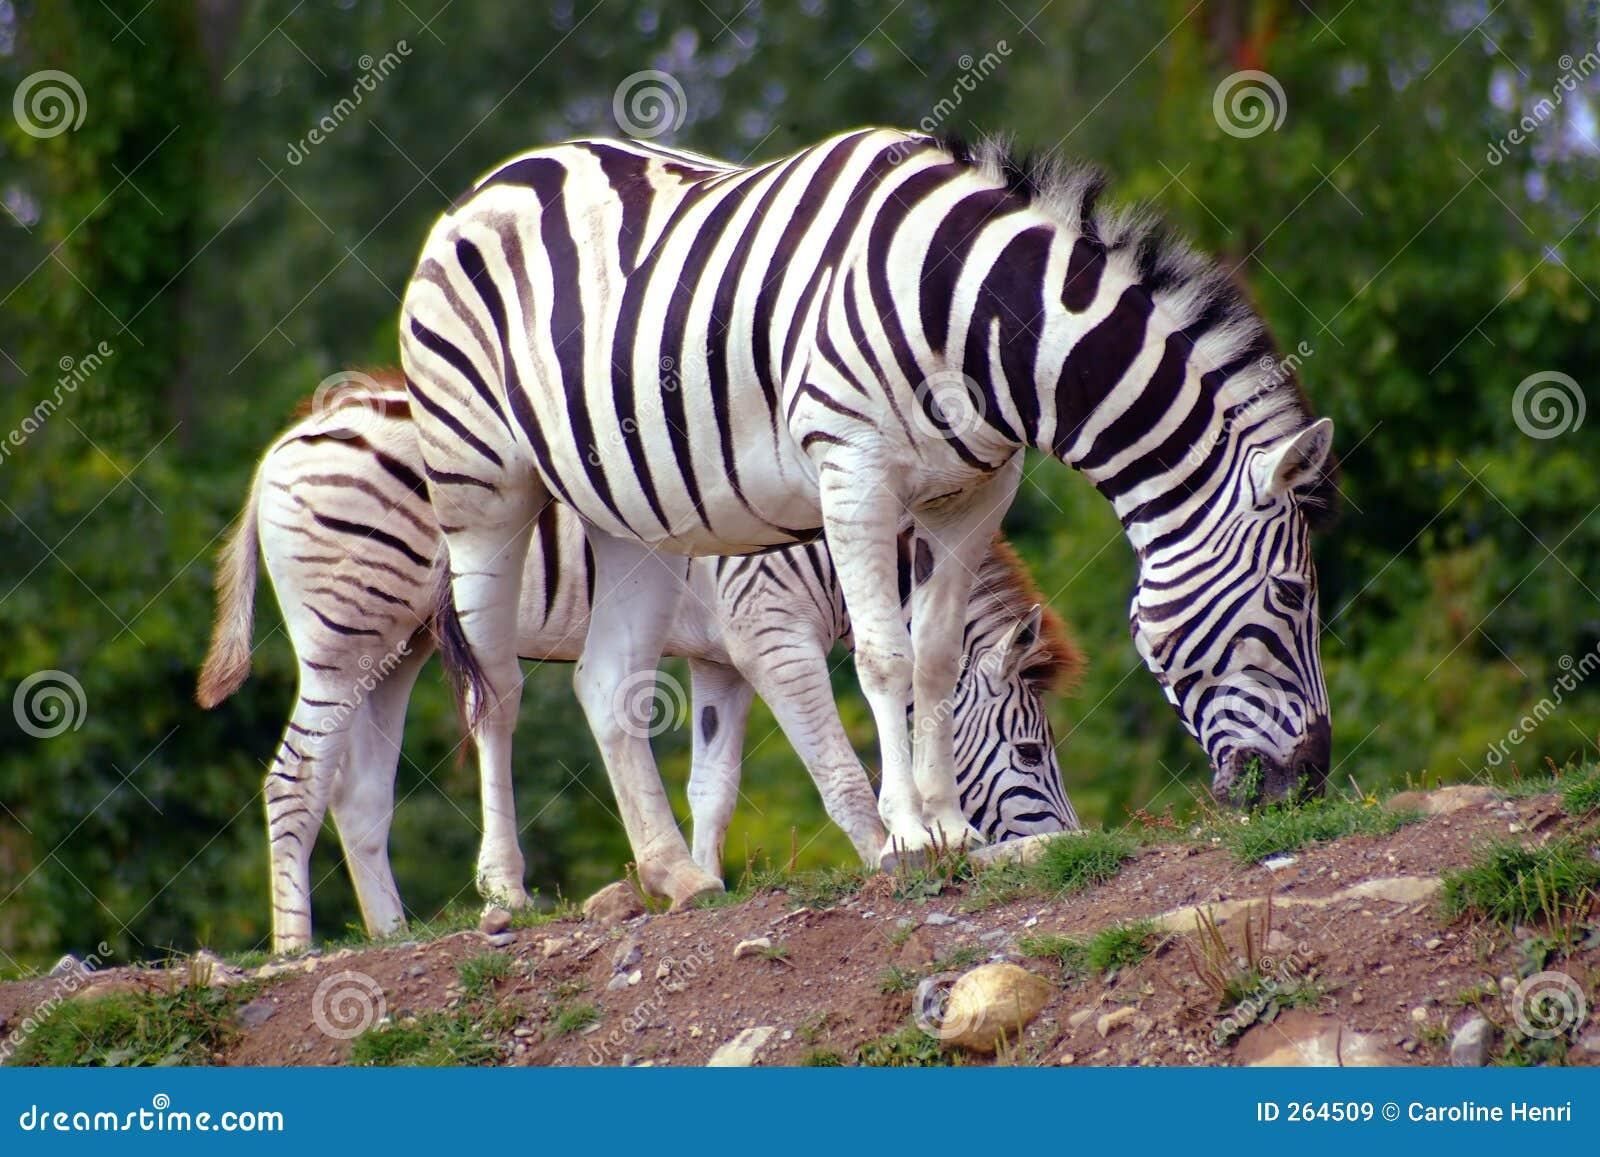 Baby Zebras In Africa Baby Zebras In ...